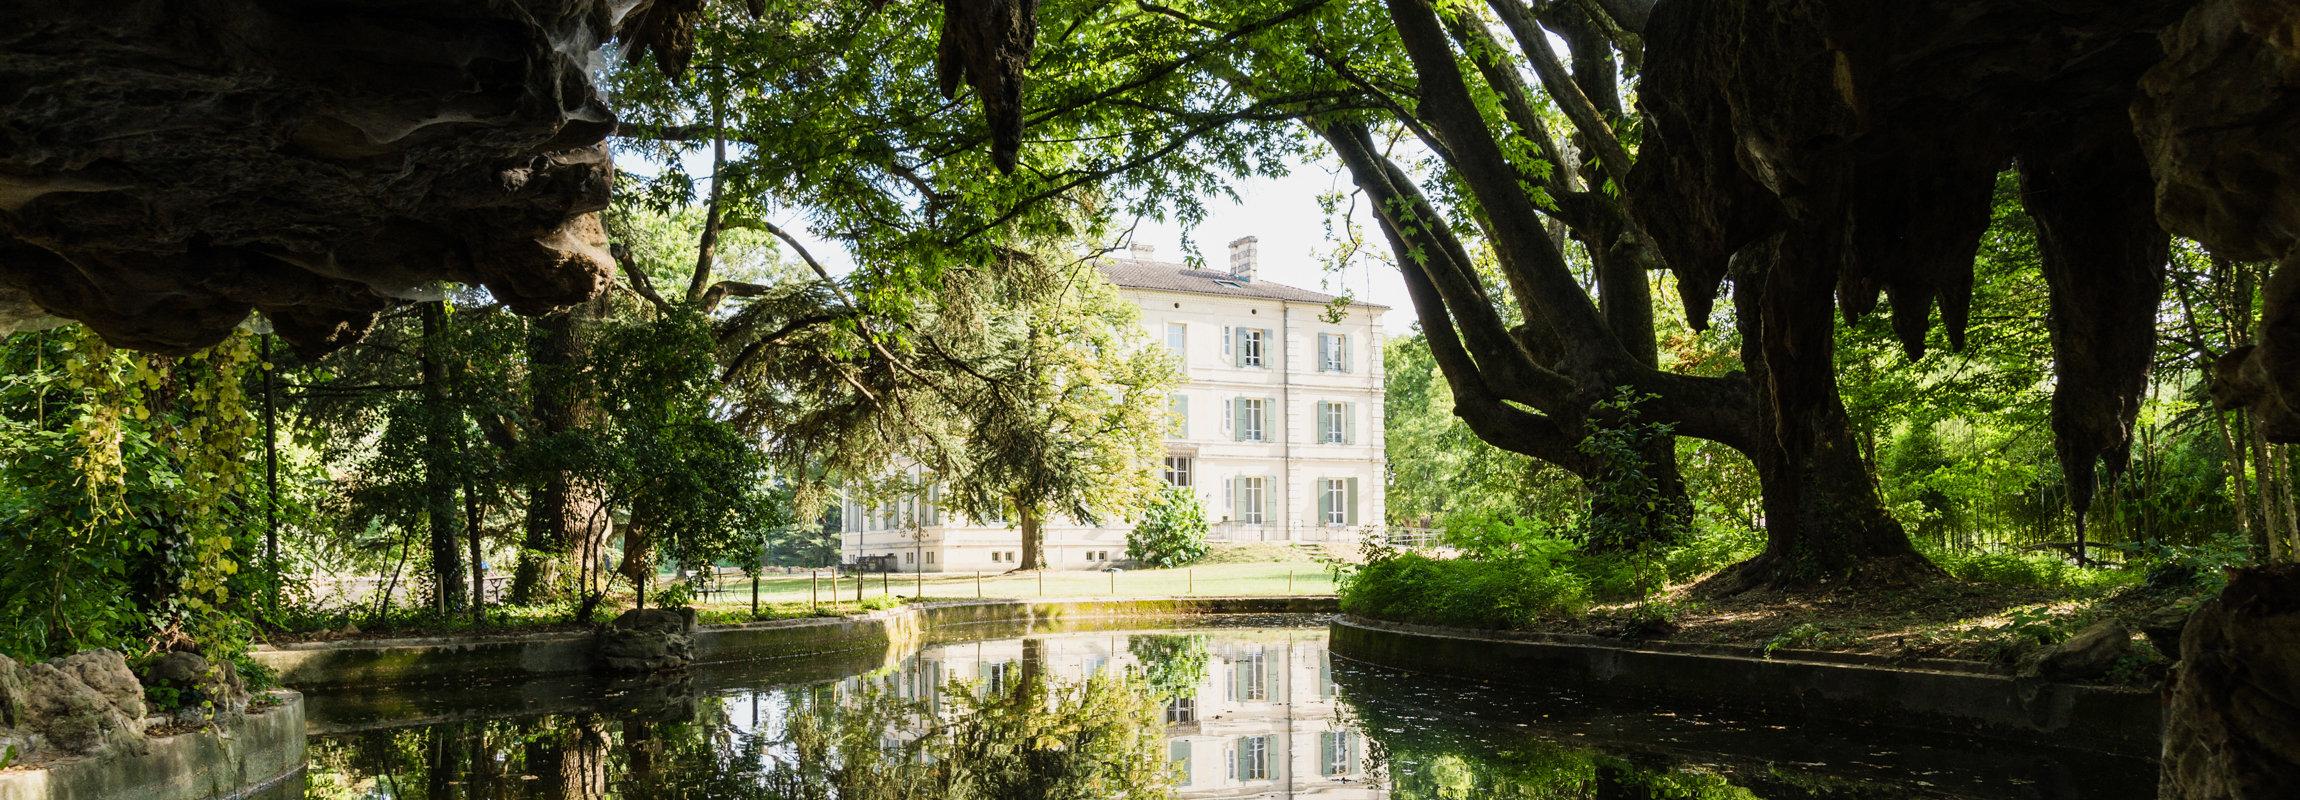 Sicht von der historischen Grotte in Montcauds Park, Hotel Provence